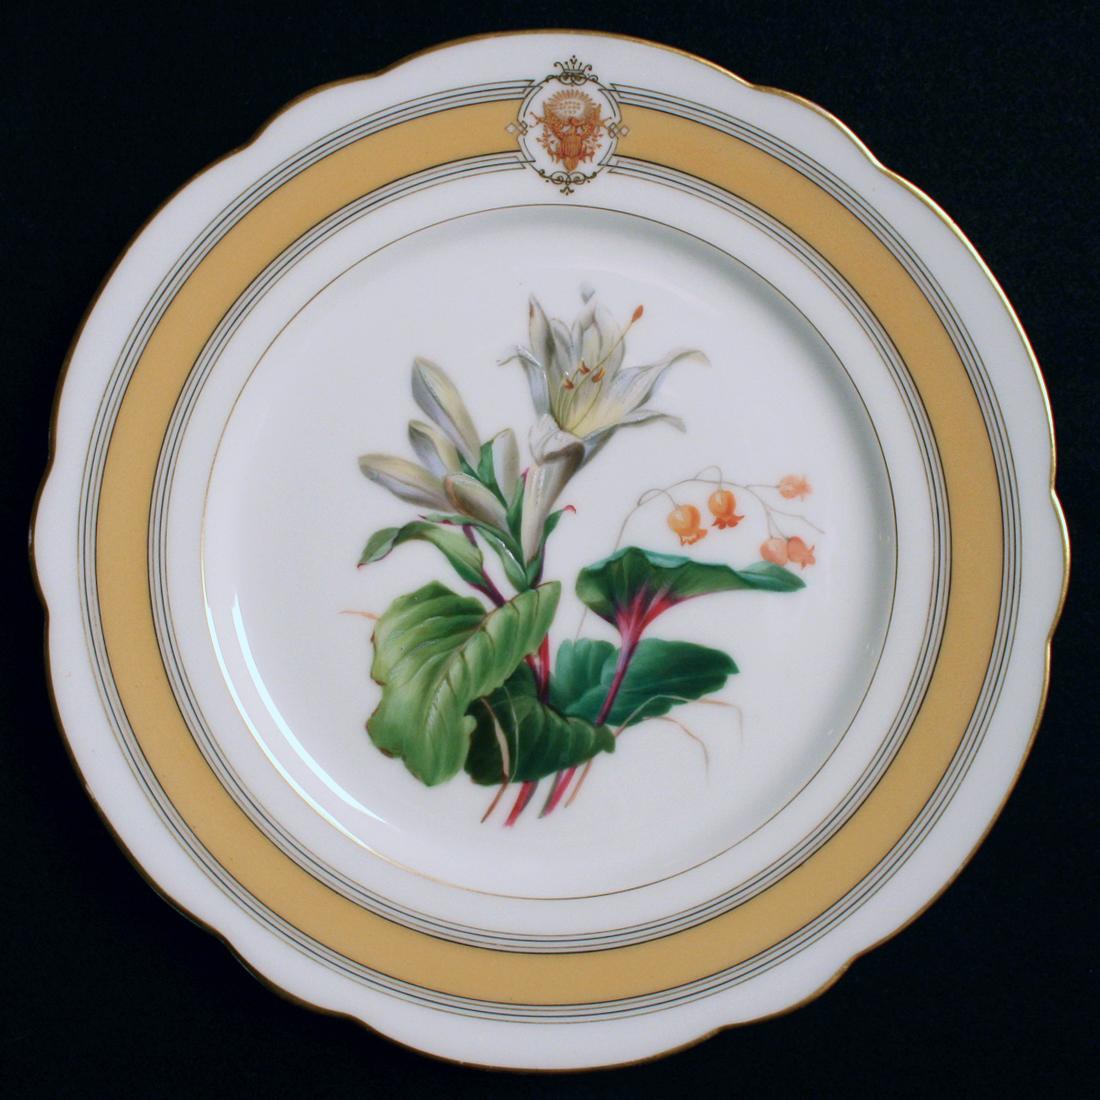 ulysses-grant-dessert-plate-1.jpg